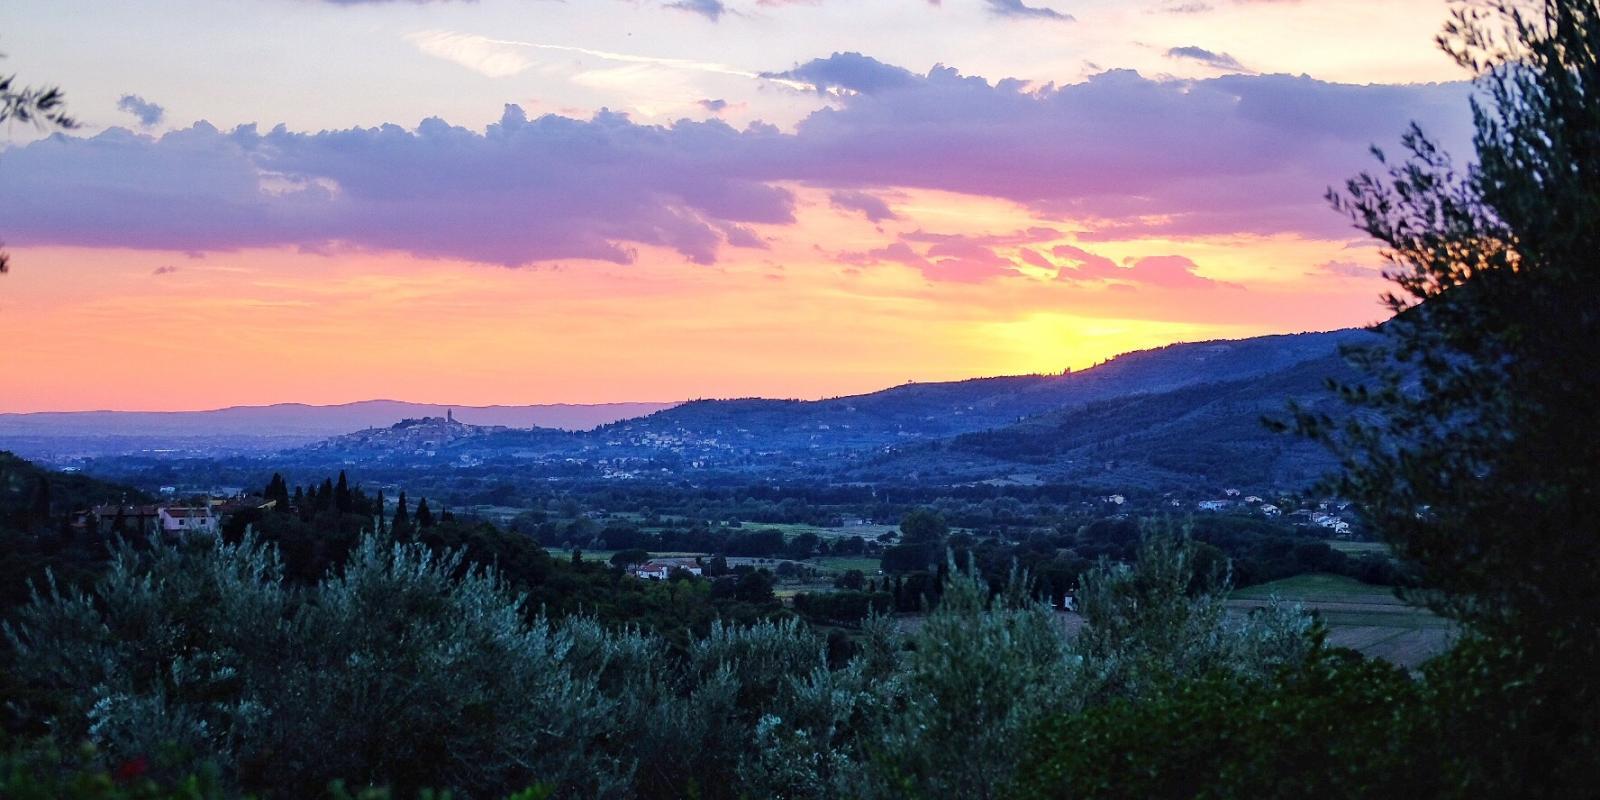 View across the Val di Chio to Castiglion Fiorentino.